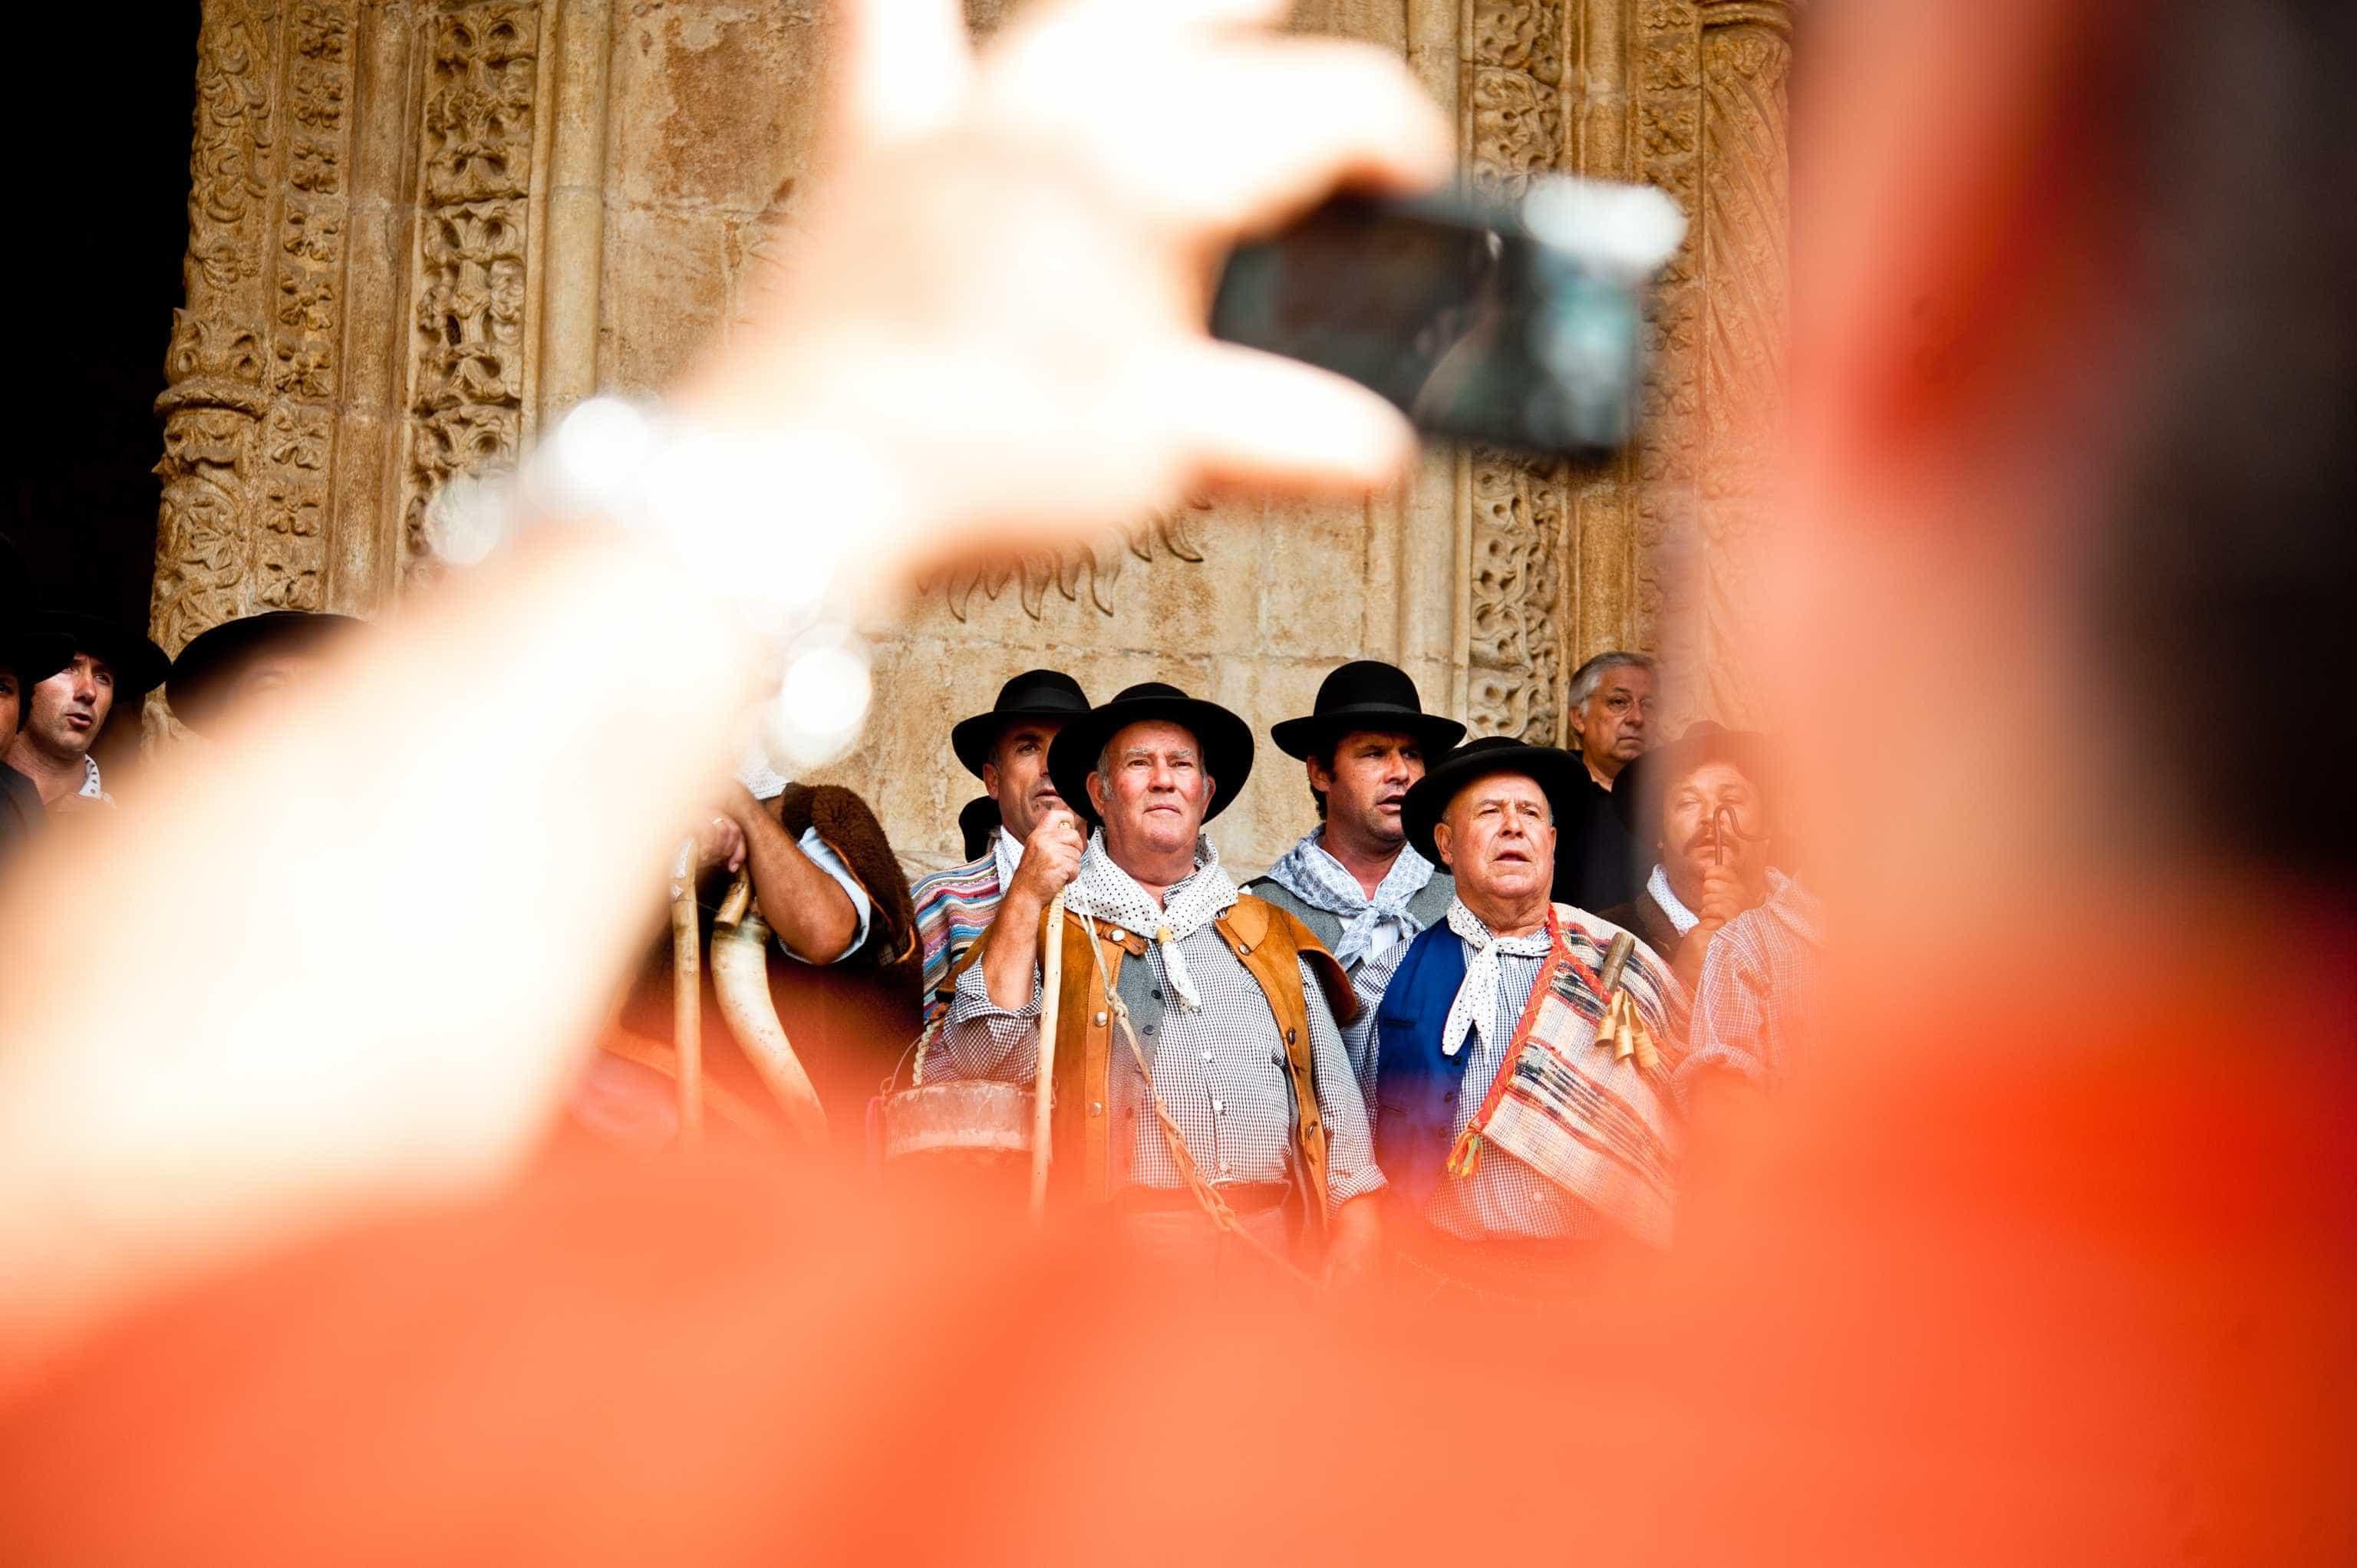 Cante Fest celebra quatro anos de cante alentejano Património Mundial